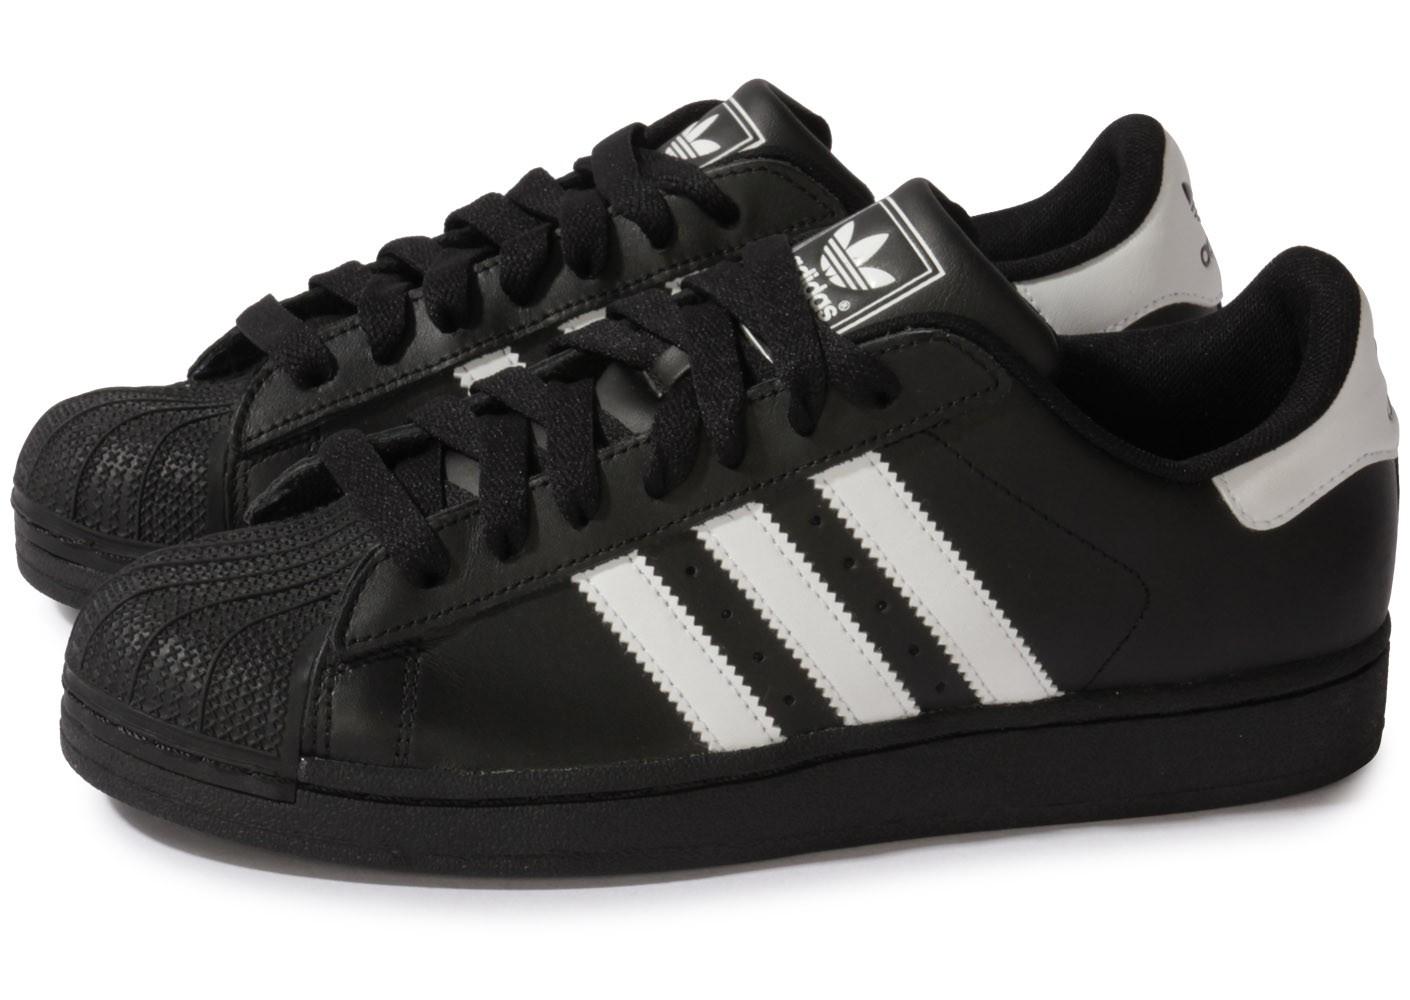 revendeur 72379 b01c0 adidas superstar noir et bleu Avis en ligne